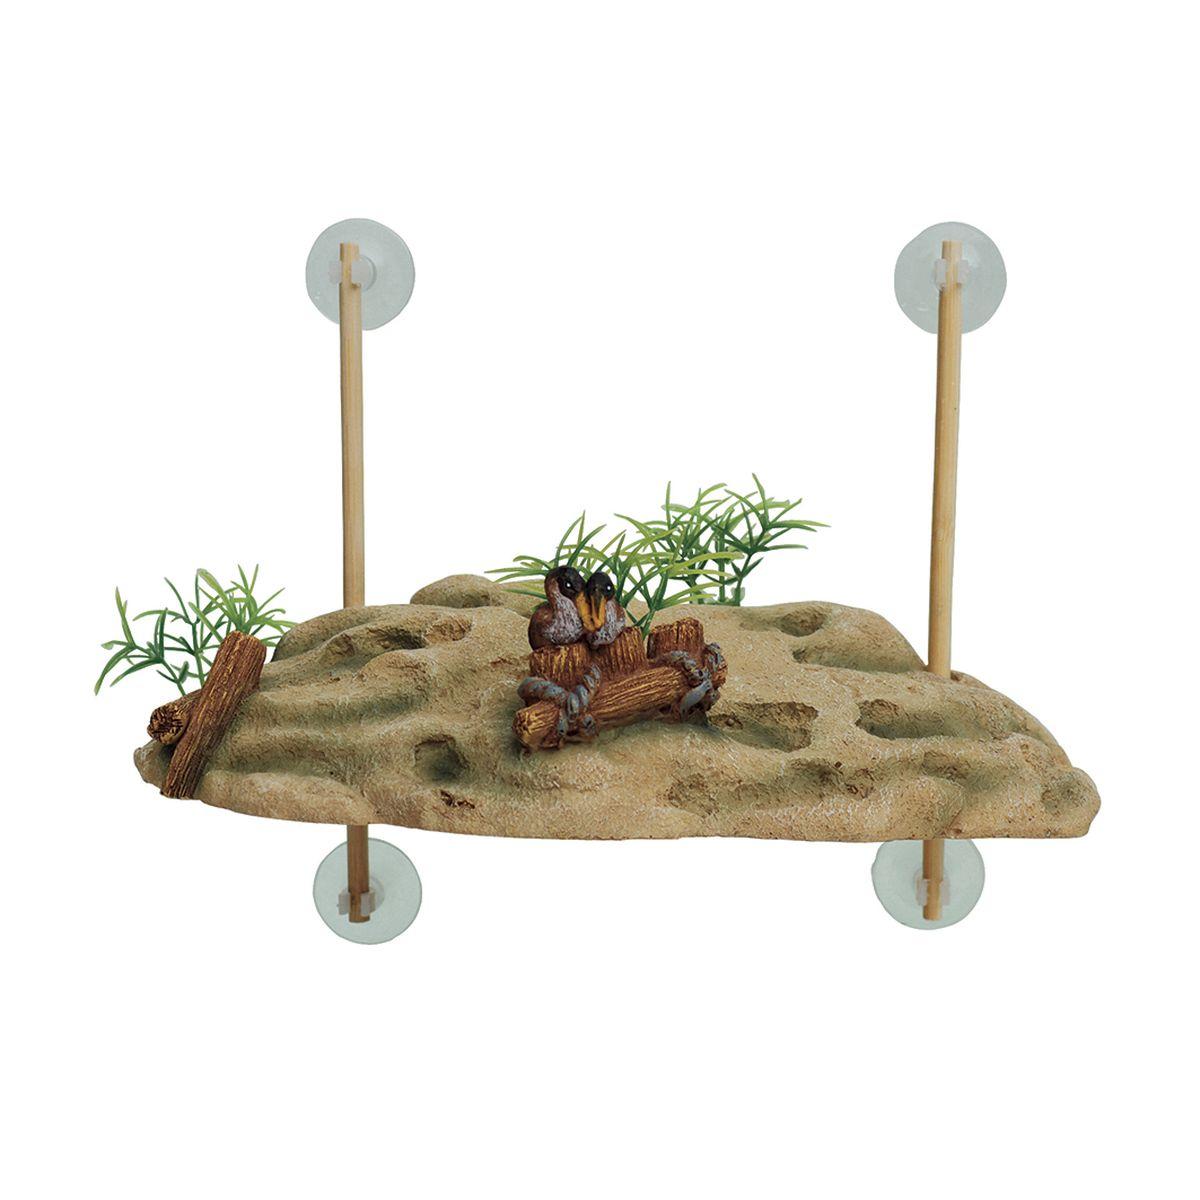 Декорация для аквариума ArtUniq Островок для черепах, на присосках, 24,5 x 11,5 x 7,5 смART-2261720Декорация ArtUniq – это яркая и важная часть любой композиции, она поможет вдохнуть жизнь в ландшафт любого аквариума или террариума. Декорация безопасна для обитателей аквариума, она не меняет параметры воды. Многие обитатели аквариума часто используют декорации как укрытия, в которых они живут и размножаются. Благодаря декорациям ArtUniq вы сможете создать прекрасный пейзаж на дне вашего аквариума или террариума.